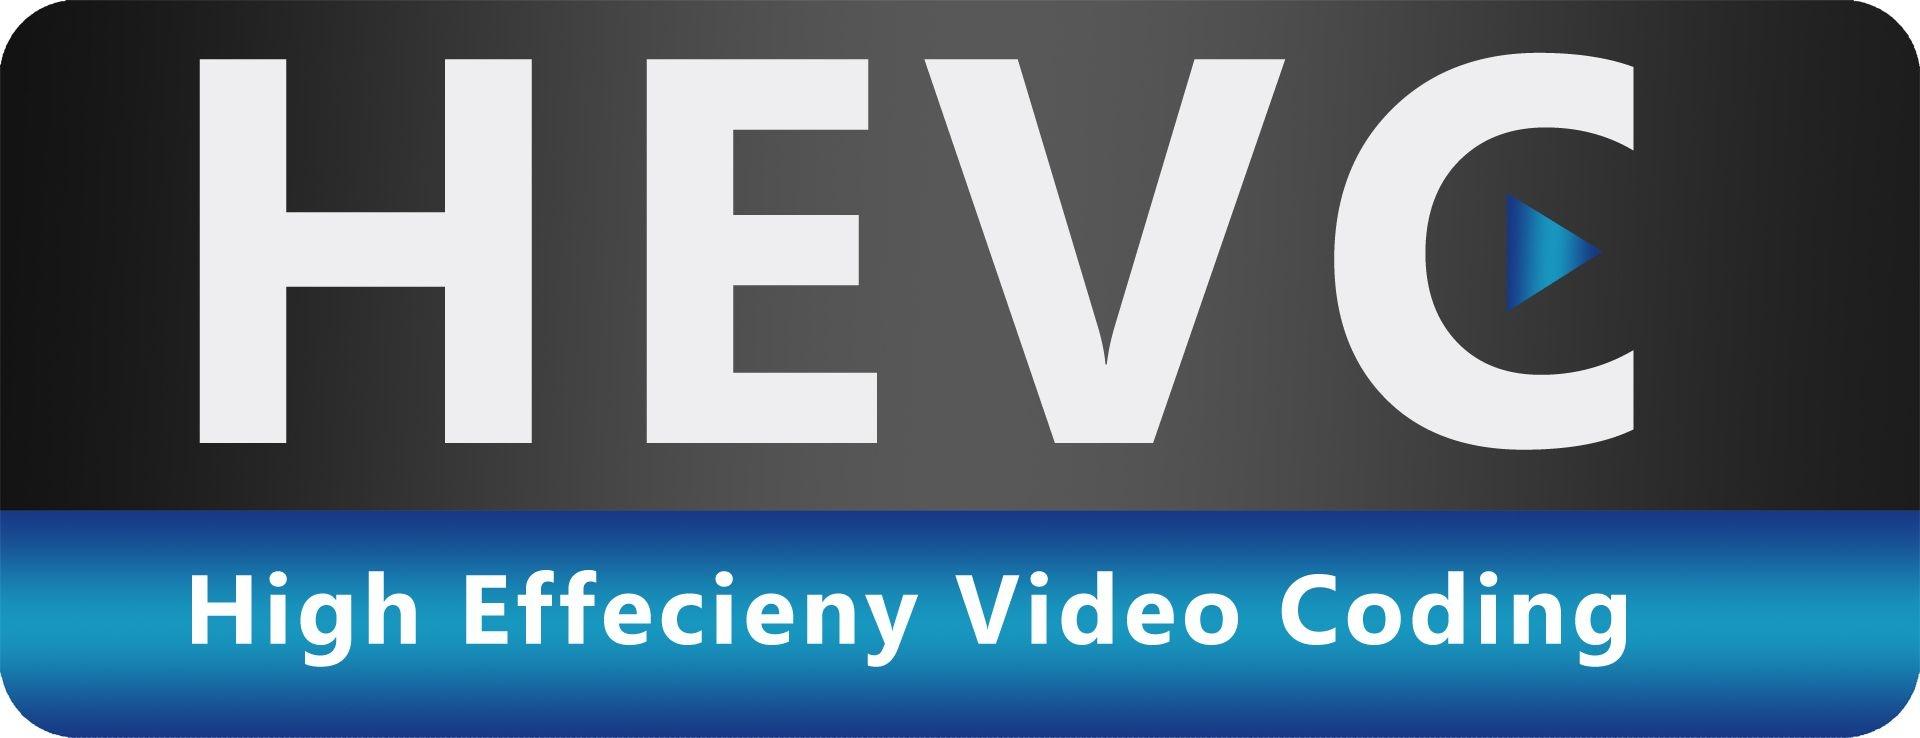 logo hevc